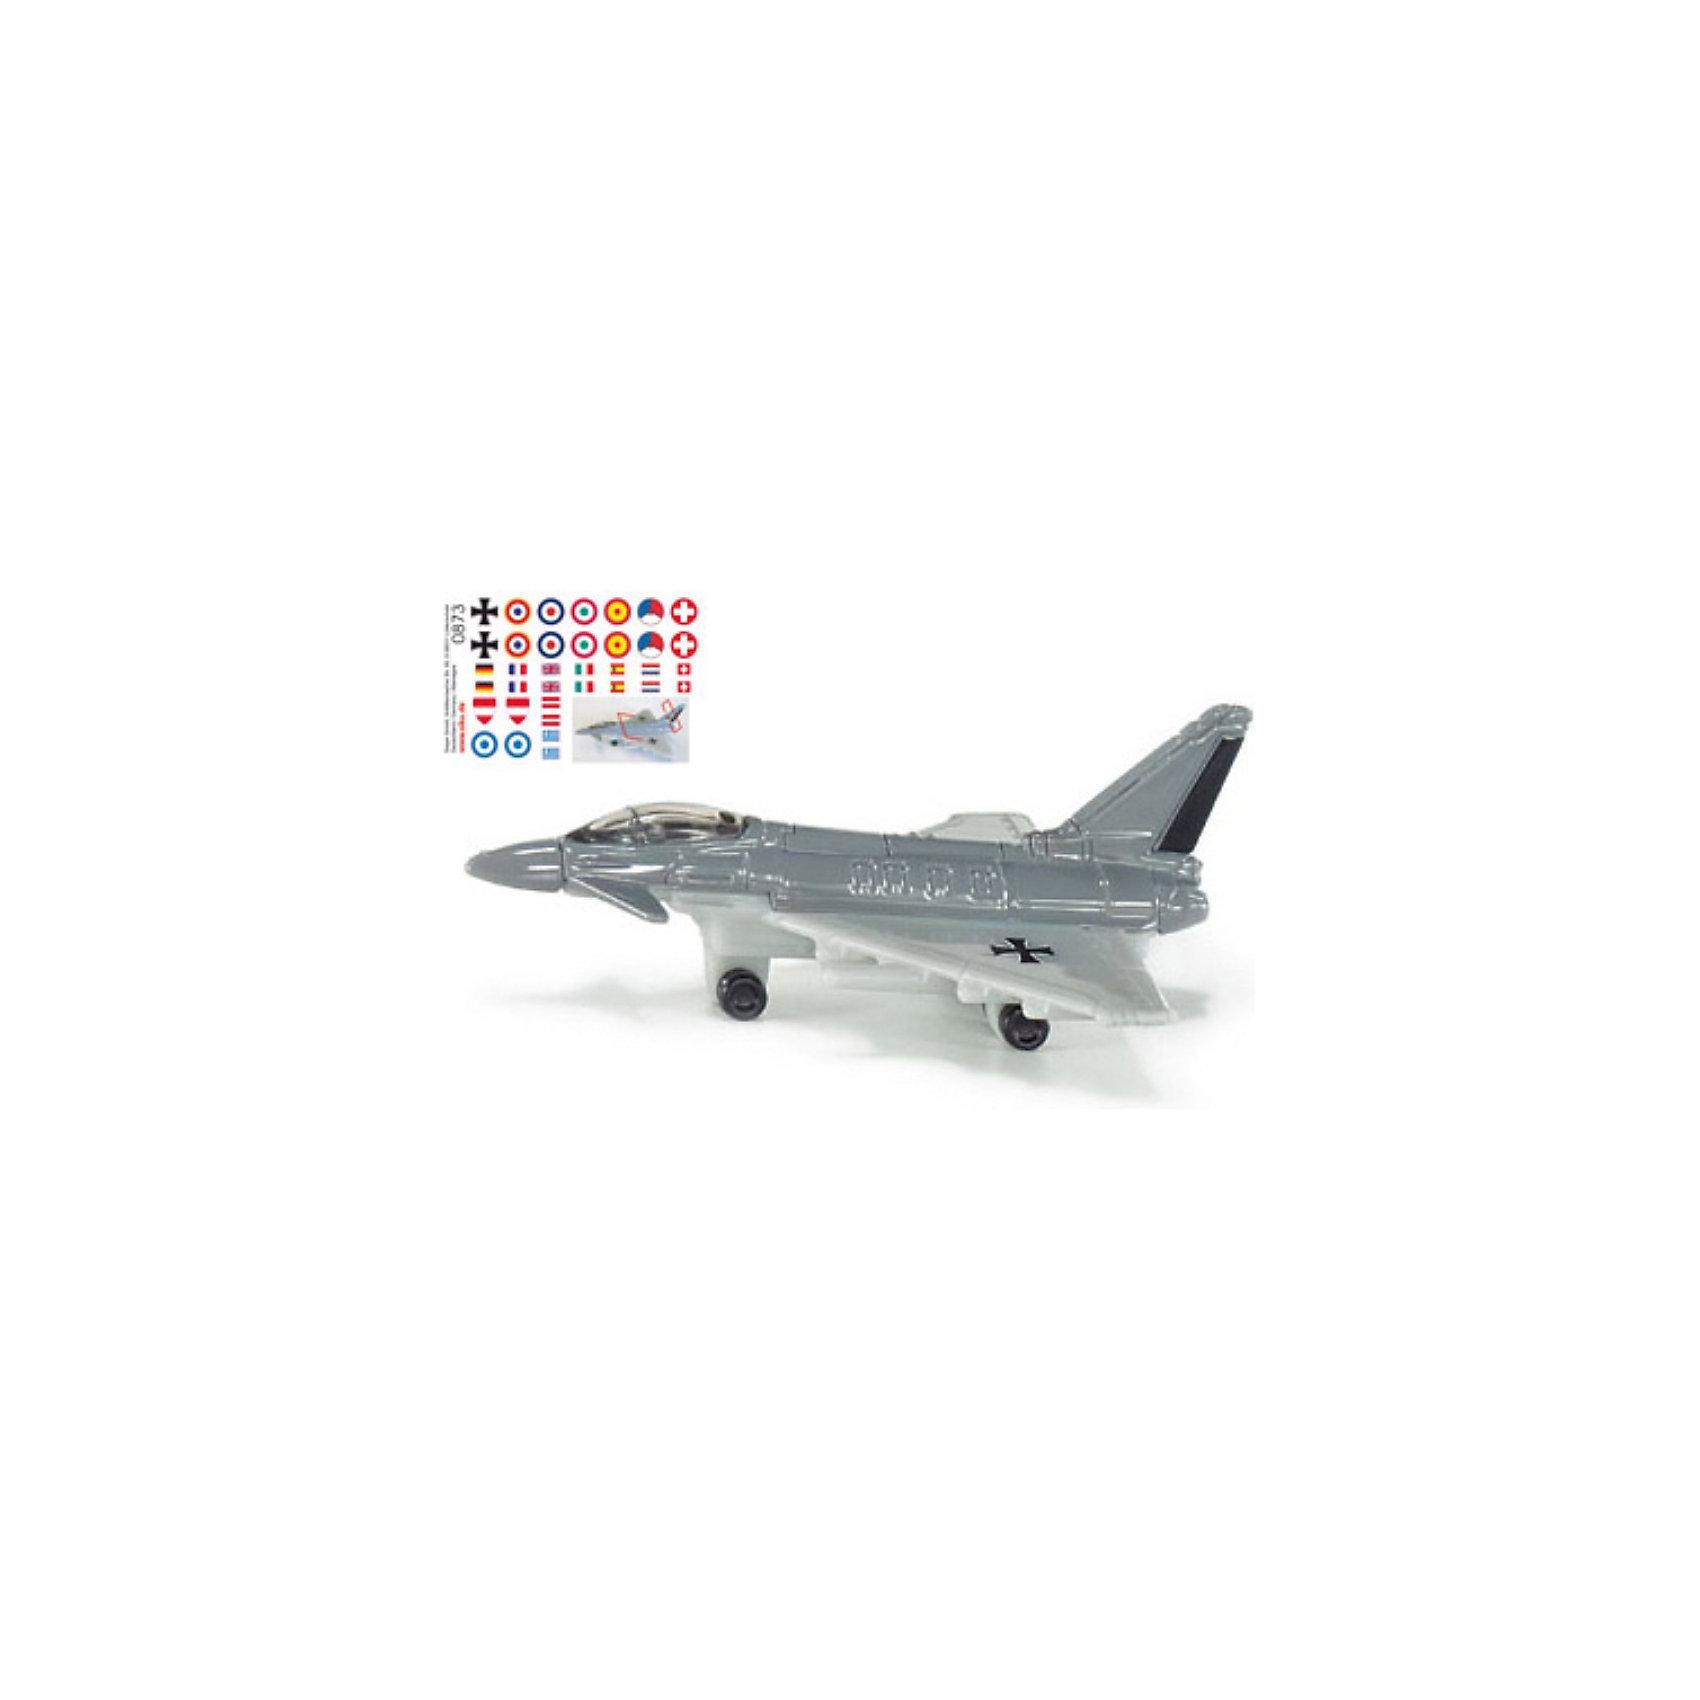 SIKU 0873 Реактивный истребительСамолёты и вертолёты<br>Модель реактивного истребителя фирмы SIKU отличается великолепным дизайном, вращающимися колесами, разнообразным вооружением и целым набором различных опознавательных знаков.<br><br>Игрушечные модели SIKU изготавливаются в соответствии с актуальными предписаниями по безопасности, имеют сертификаты T?V, GS и отмечены знаком Spiel-gut.<br><br>Игрушки не предназначены для детей младше 36 месяцев, так как содержат мелкие детали, которые могут быть проглочены.<br><br><br>Д/Ш/В: 69x48x27 мм<br><br>+++Примечание+++<br>Фирма SIKU оставляет за собой право на изменение цвета и технических характеристик моделей. При демонстрации новинок в ряде случаев используются оригинальные фотографии и прототипы. Поставляемая модель может отличаться от представленной на фотографии.<br><br>Ширина мм: 95<br>Глубина мм: 78<br>Высота мм: 40<br>Вес г: 26<br>Возраст от месяцев: 36<br>Возраст до месяцев: 96<br>Пол: Мужской<br>Возраст: Детский<br>SKU: 1636678